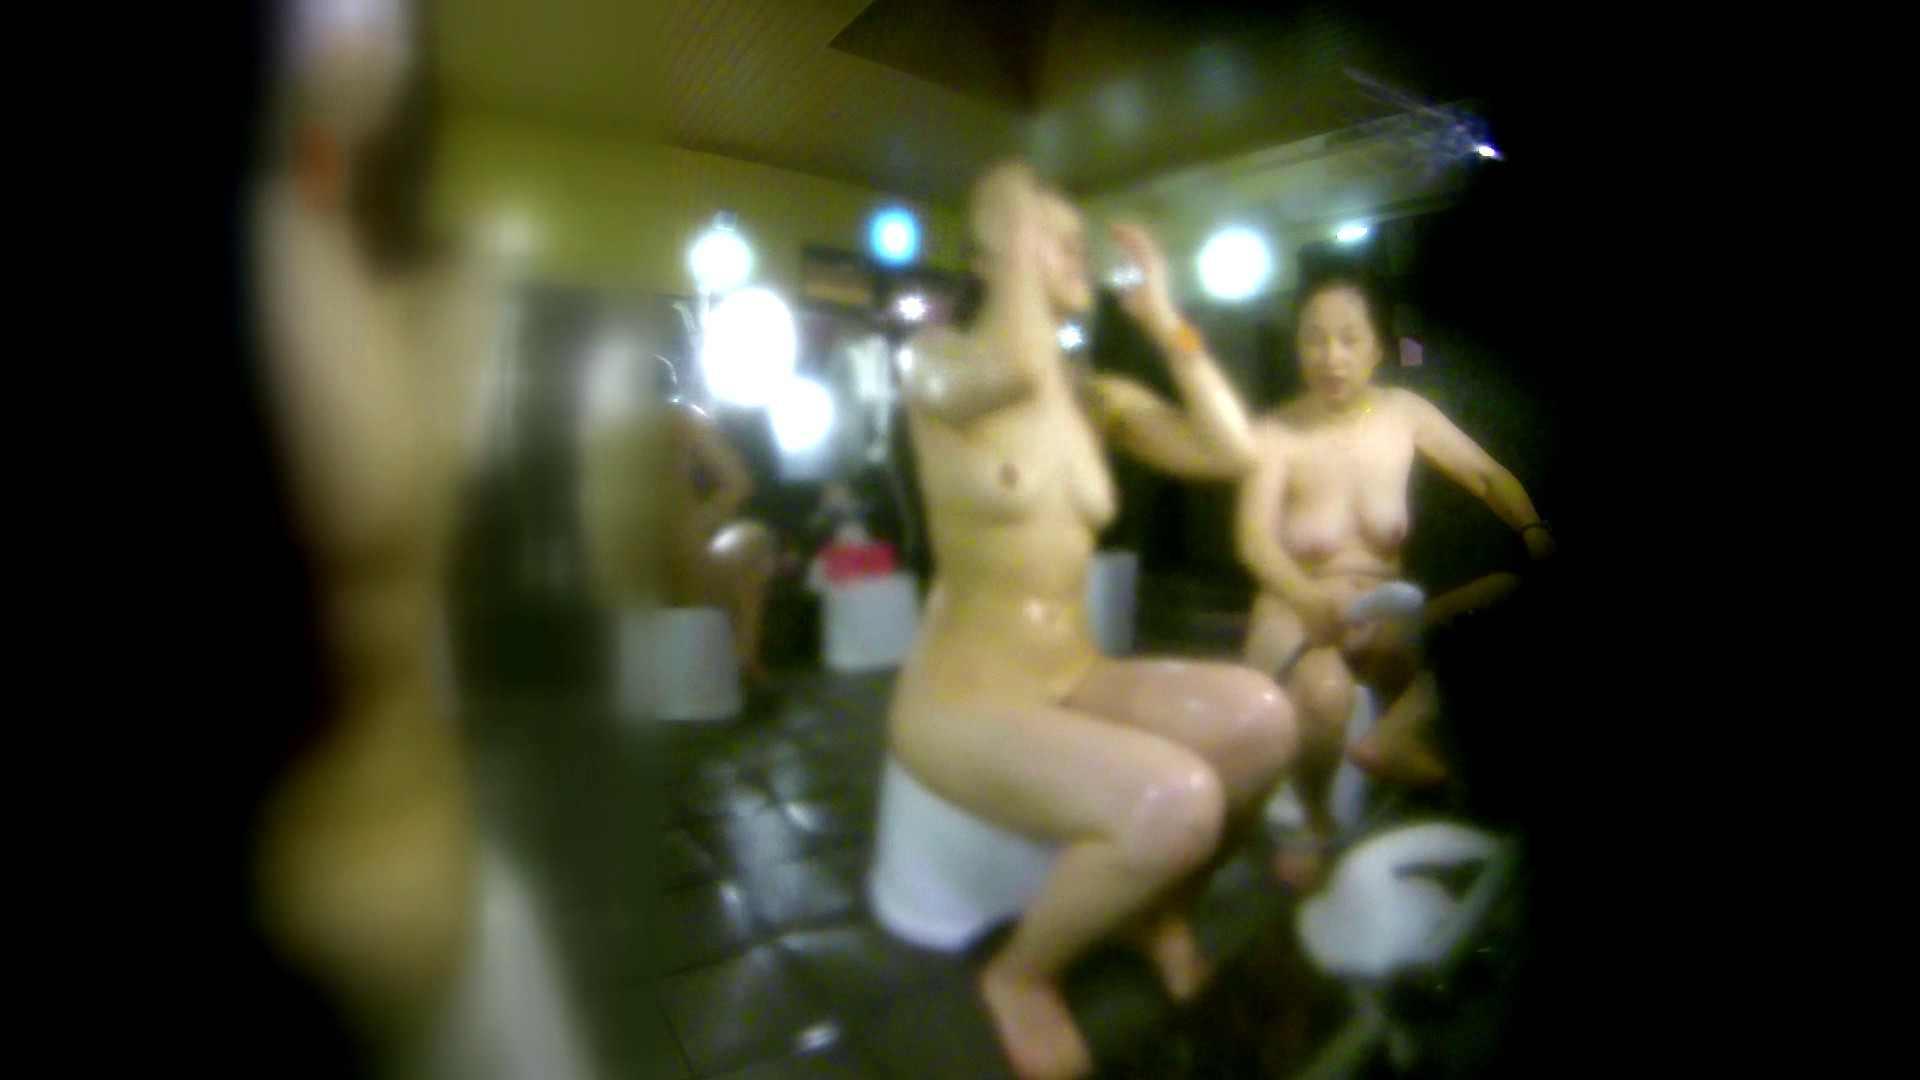 洗い場!右足の位置がいいですね。陰毛もっさり! 細身女性 すけべAV動画紹介 111画像 94